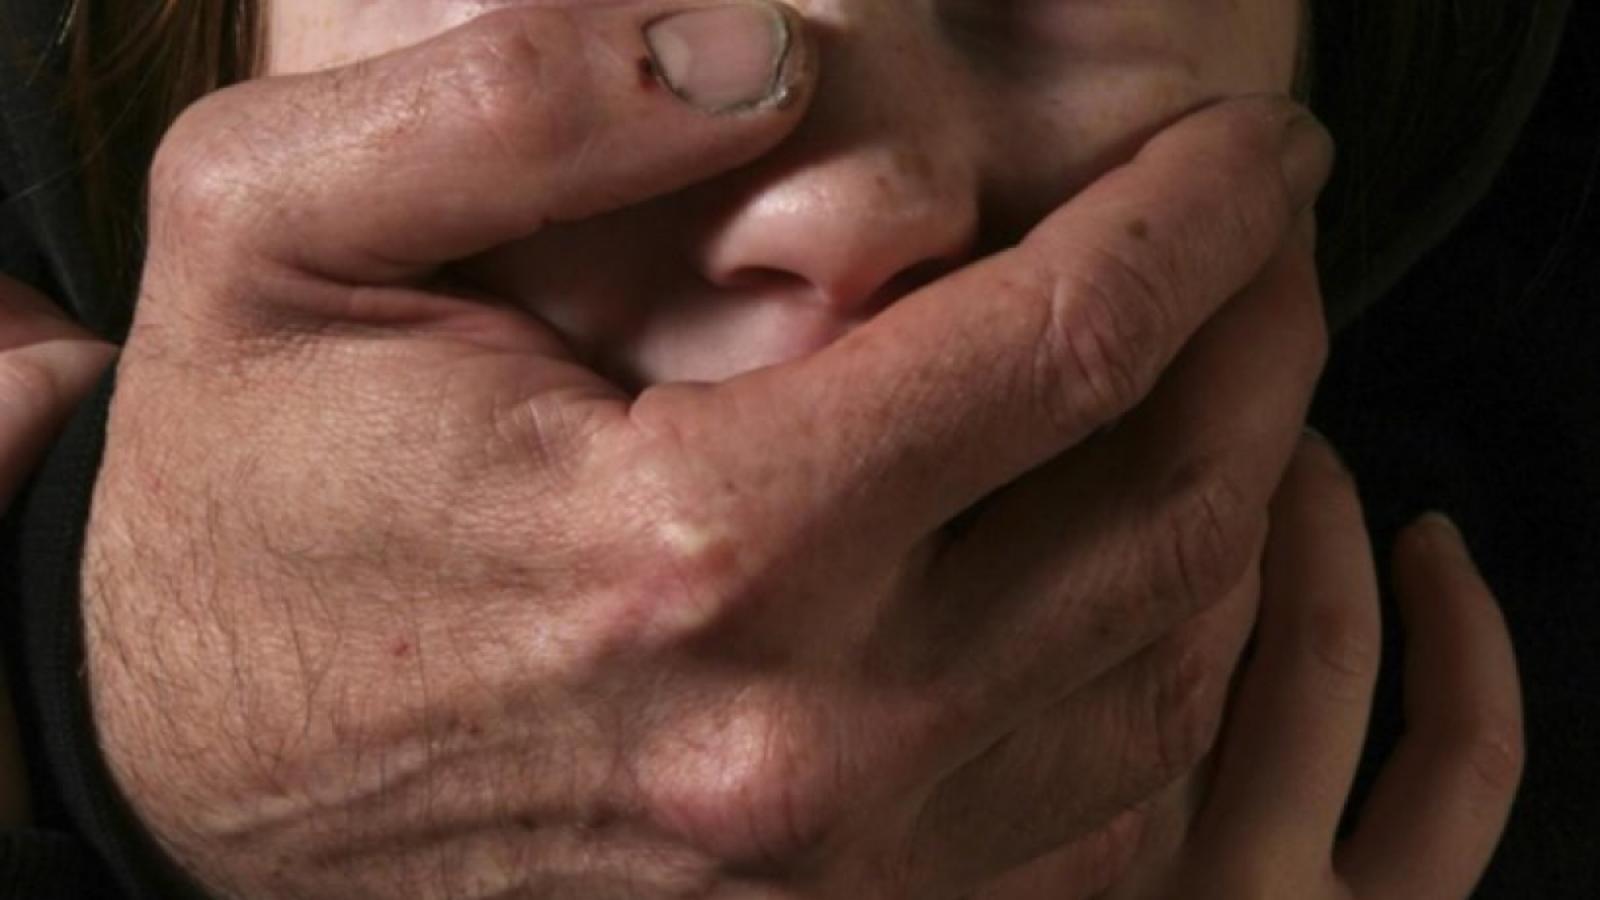 В Вологде пенсионер развращал мальчика